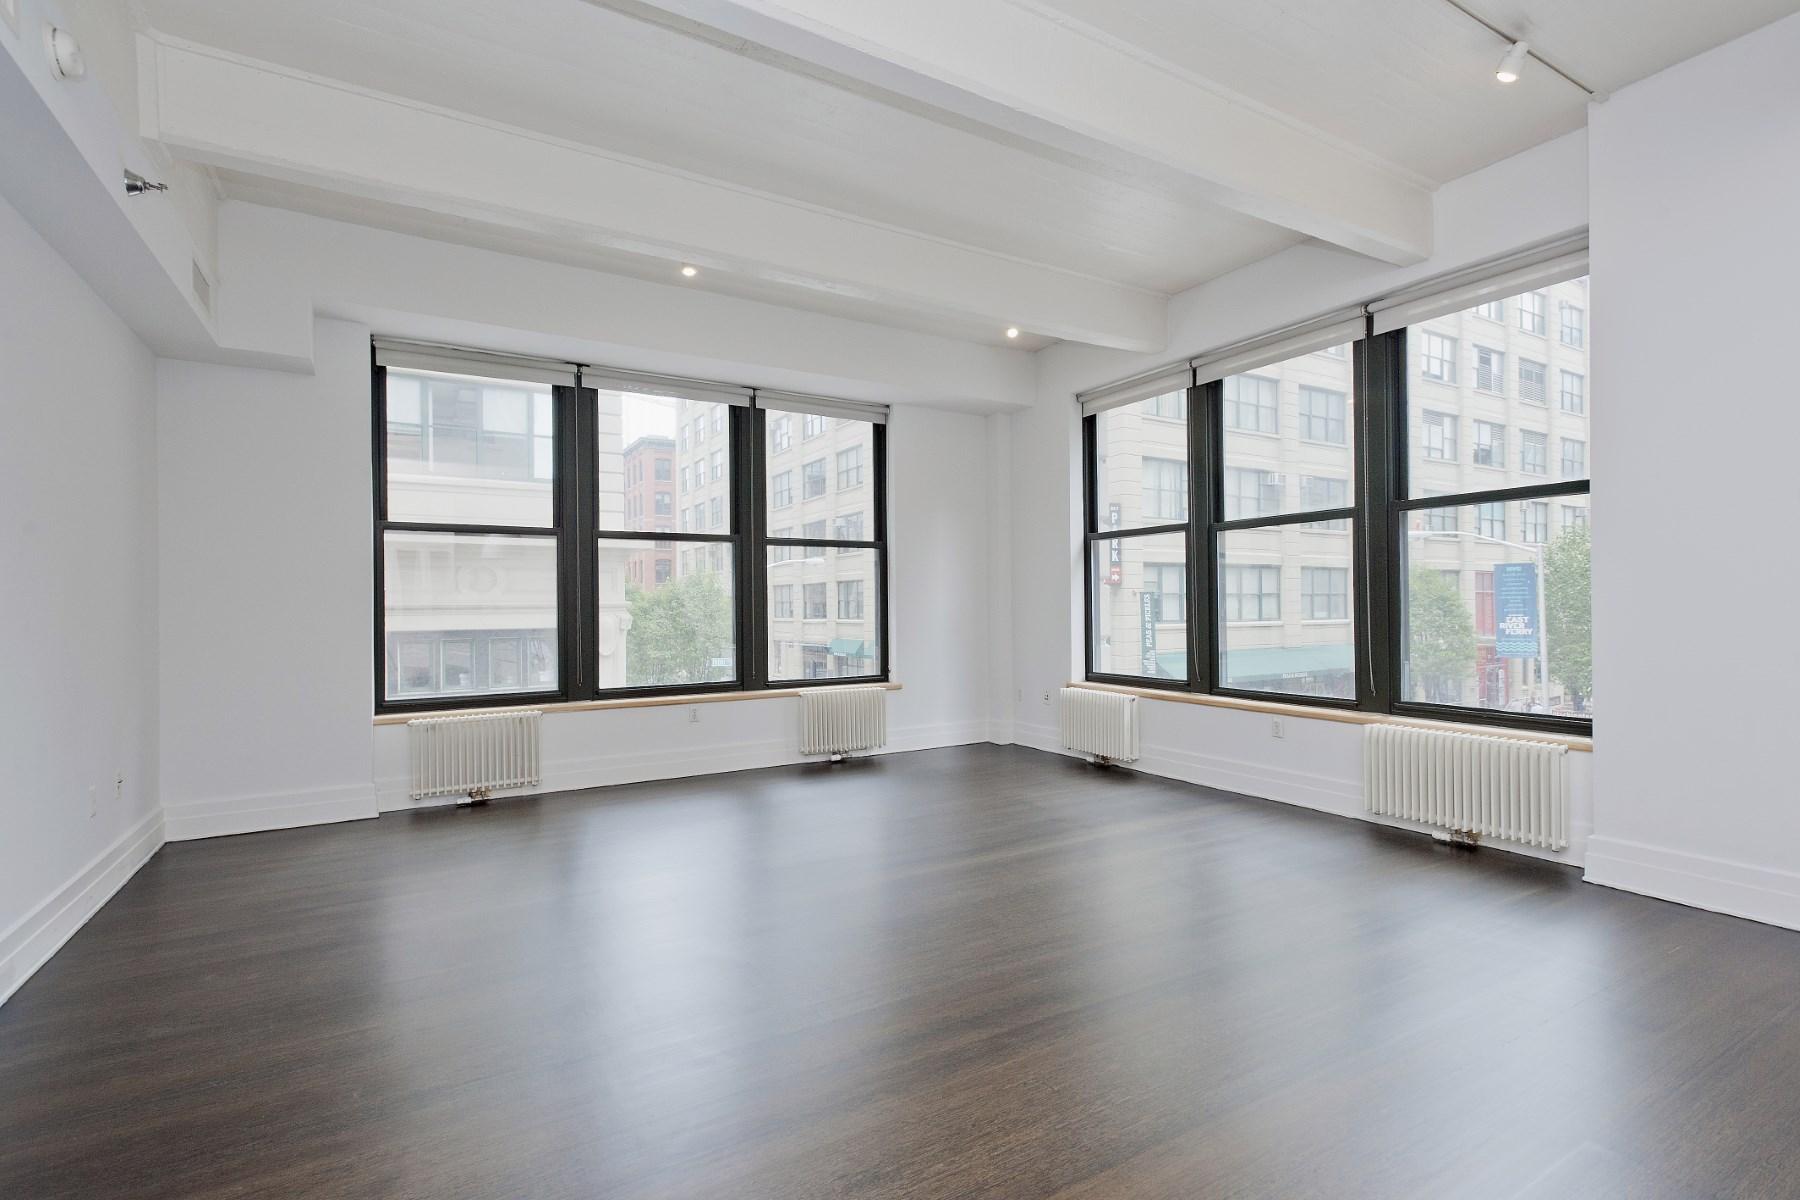 콘도미니엄 용 매매 에 Rarely Available Dumbo Corner Loft 70 Washington Street Apt 2r Dumbo, Brooklyn, 뉴욕 11201 미국